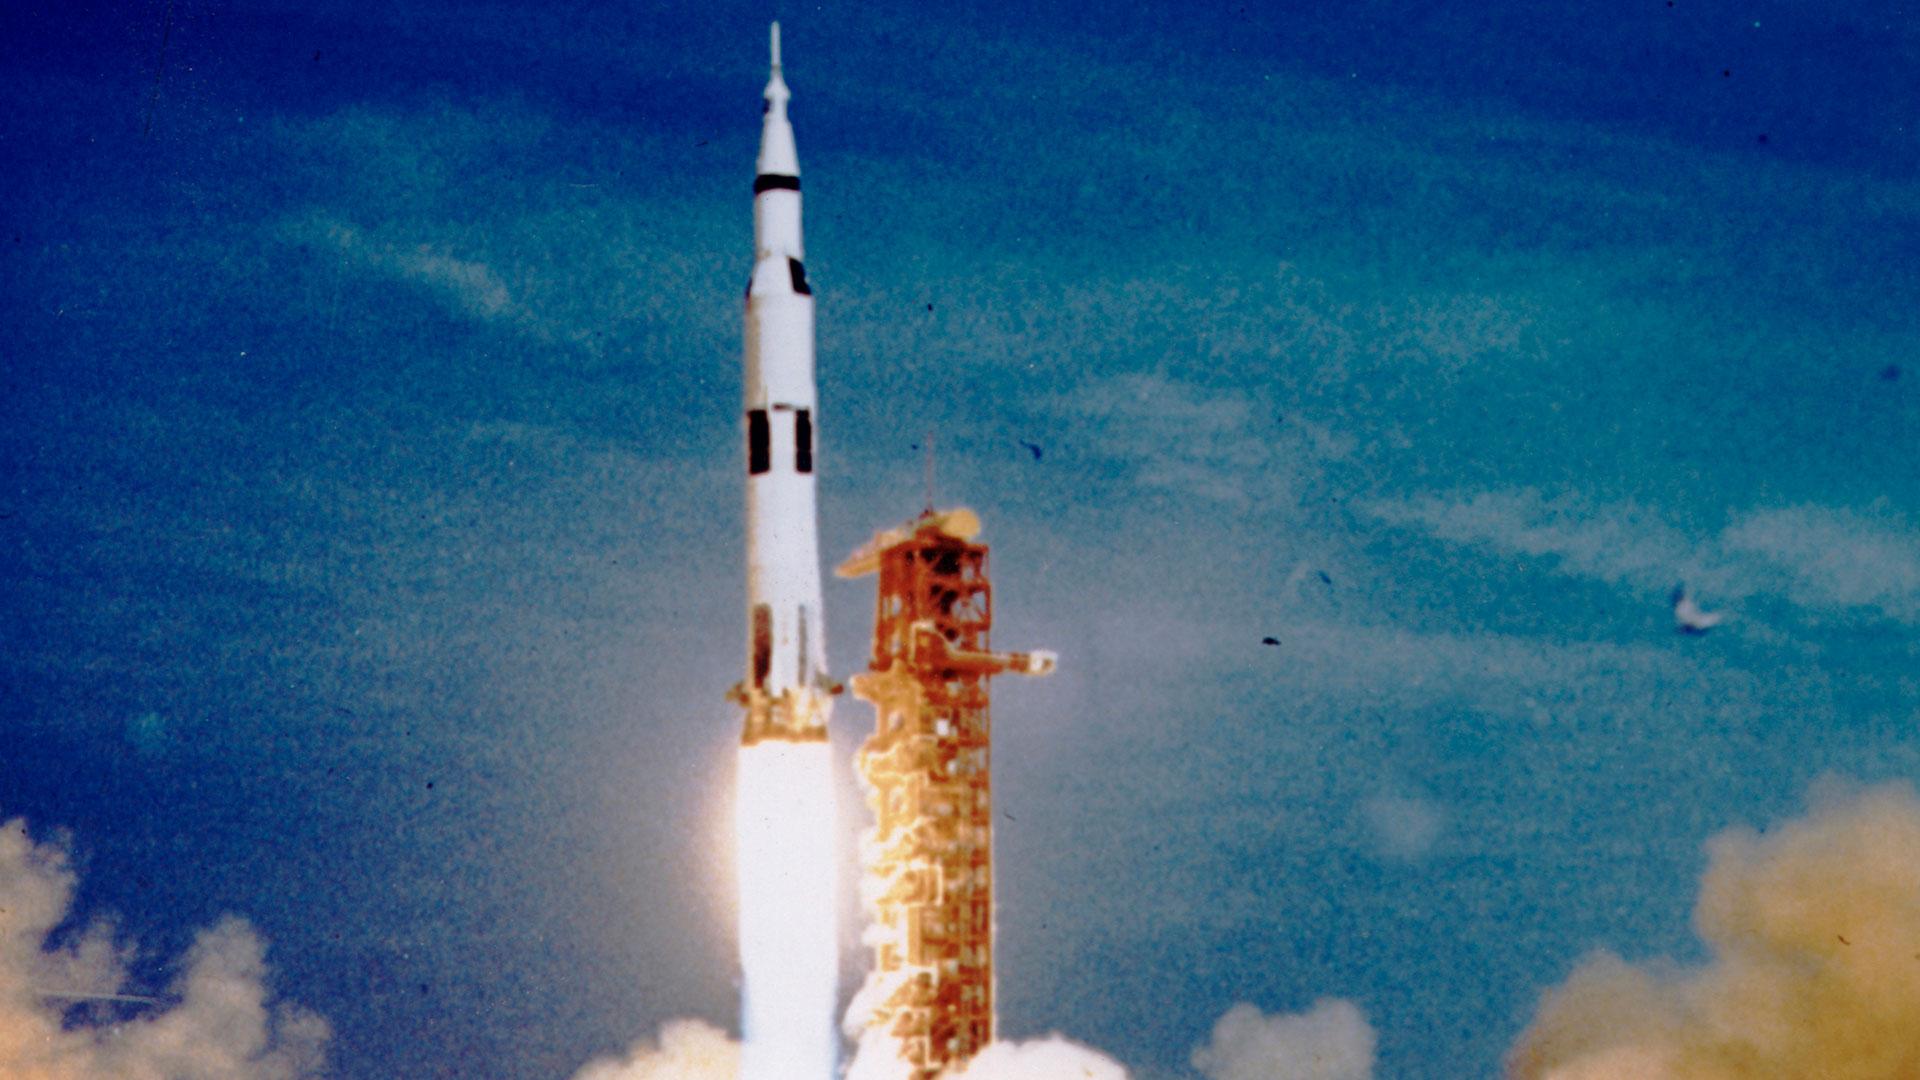 Imágenes de la NASA de la llegada del hombre a la Luna